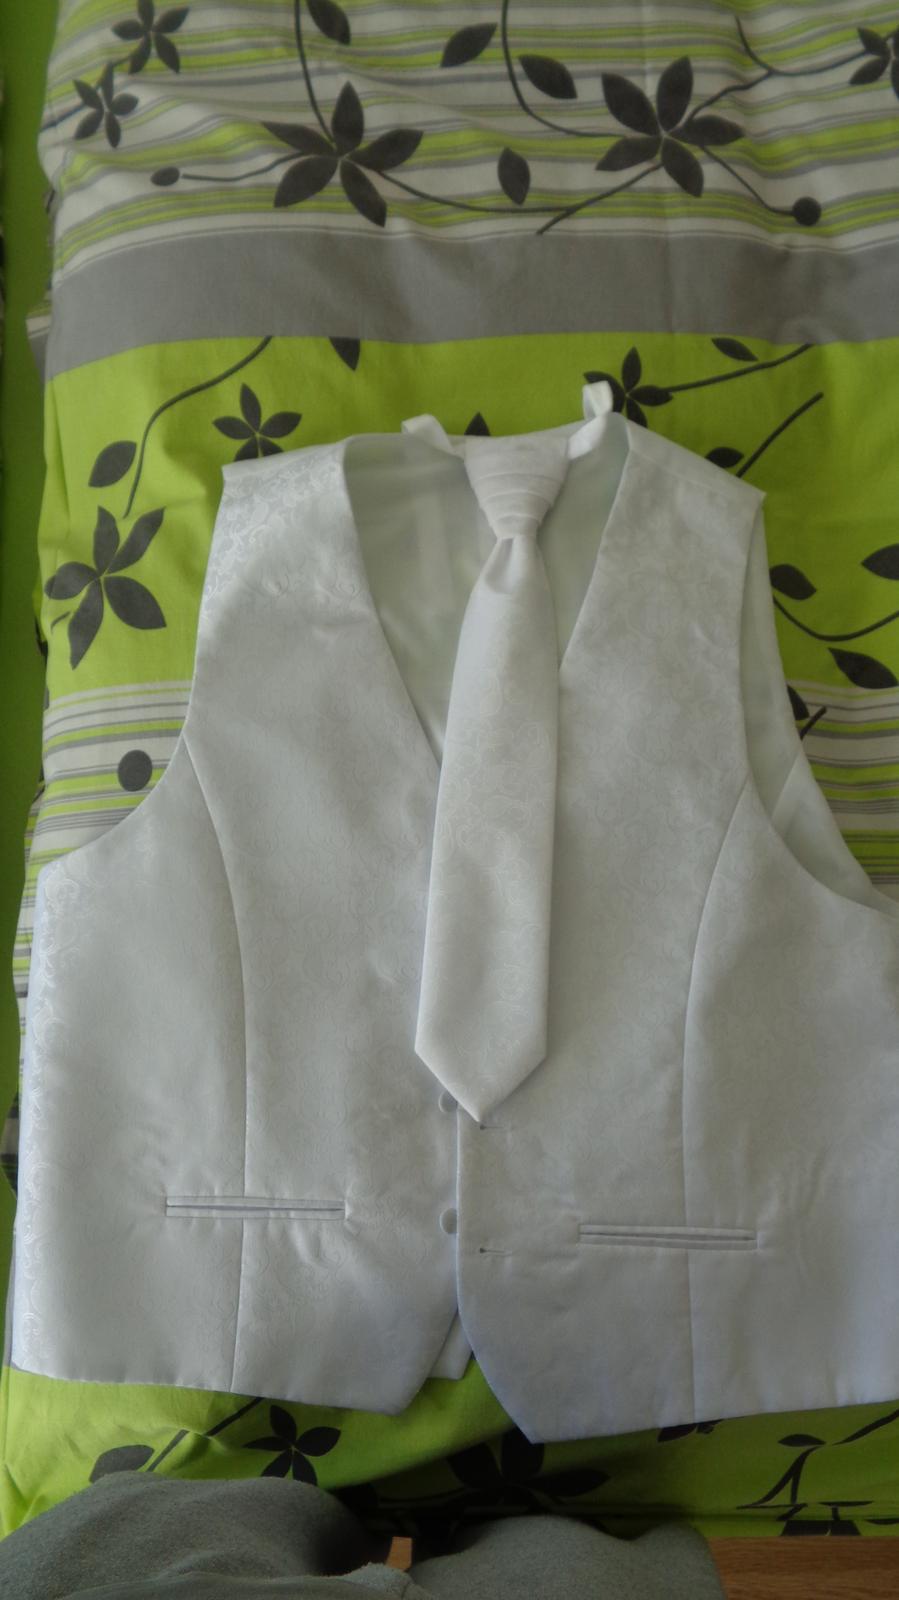 Svadobná vesta s kravatou - Obrázok č. 2